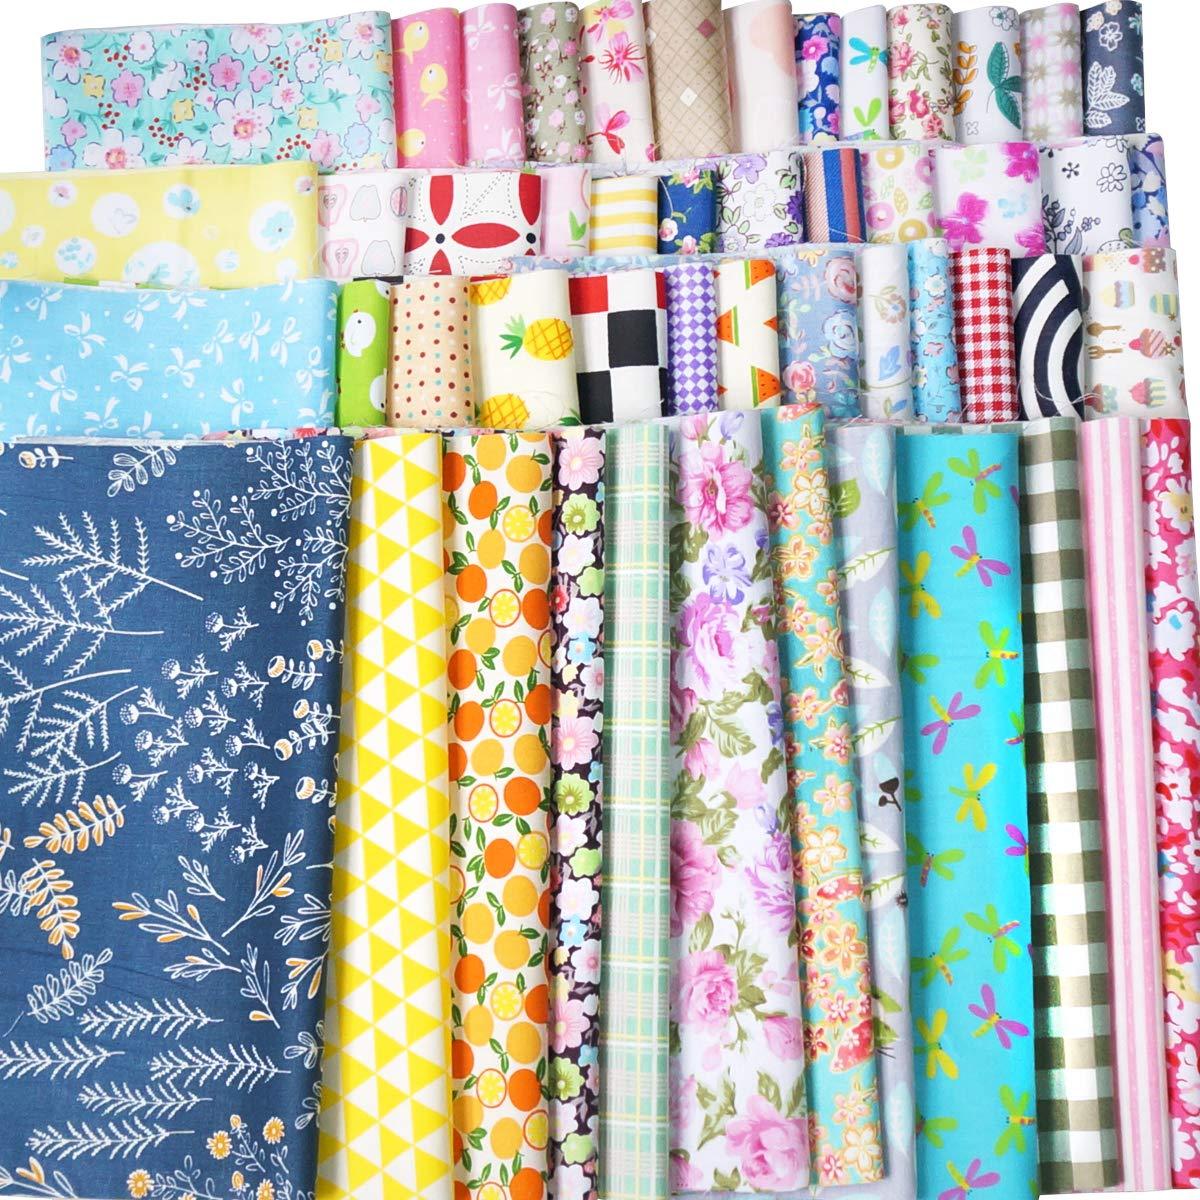 Misscrafts Telas grandes de algodón cuadradas para patchwork, costura y álbumes de recortes 50pc 30*30 (New-50pcs)